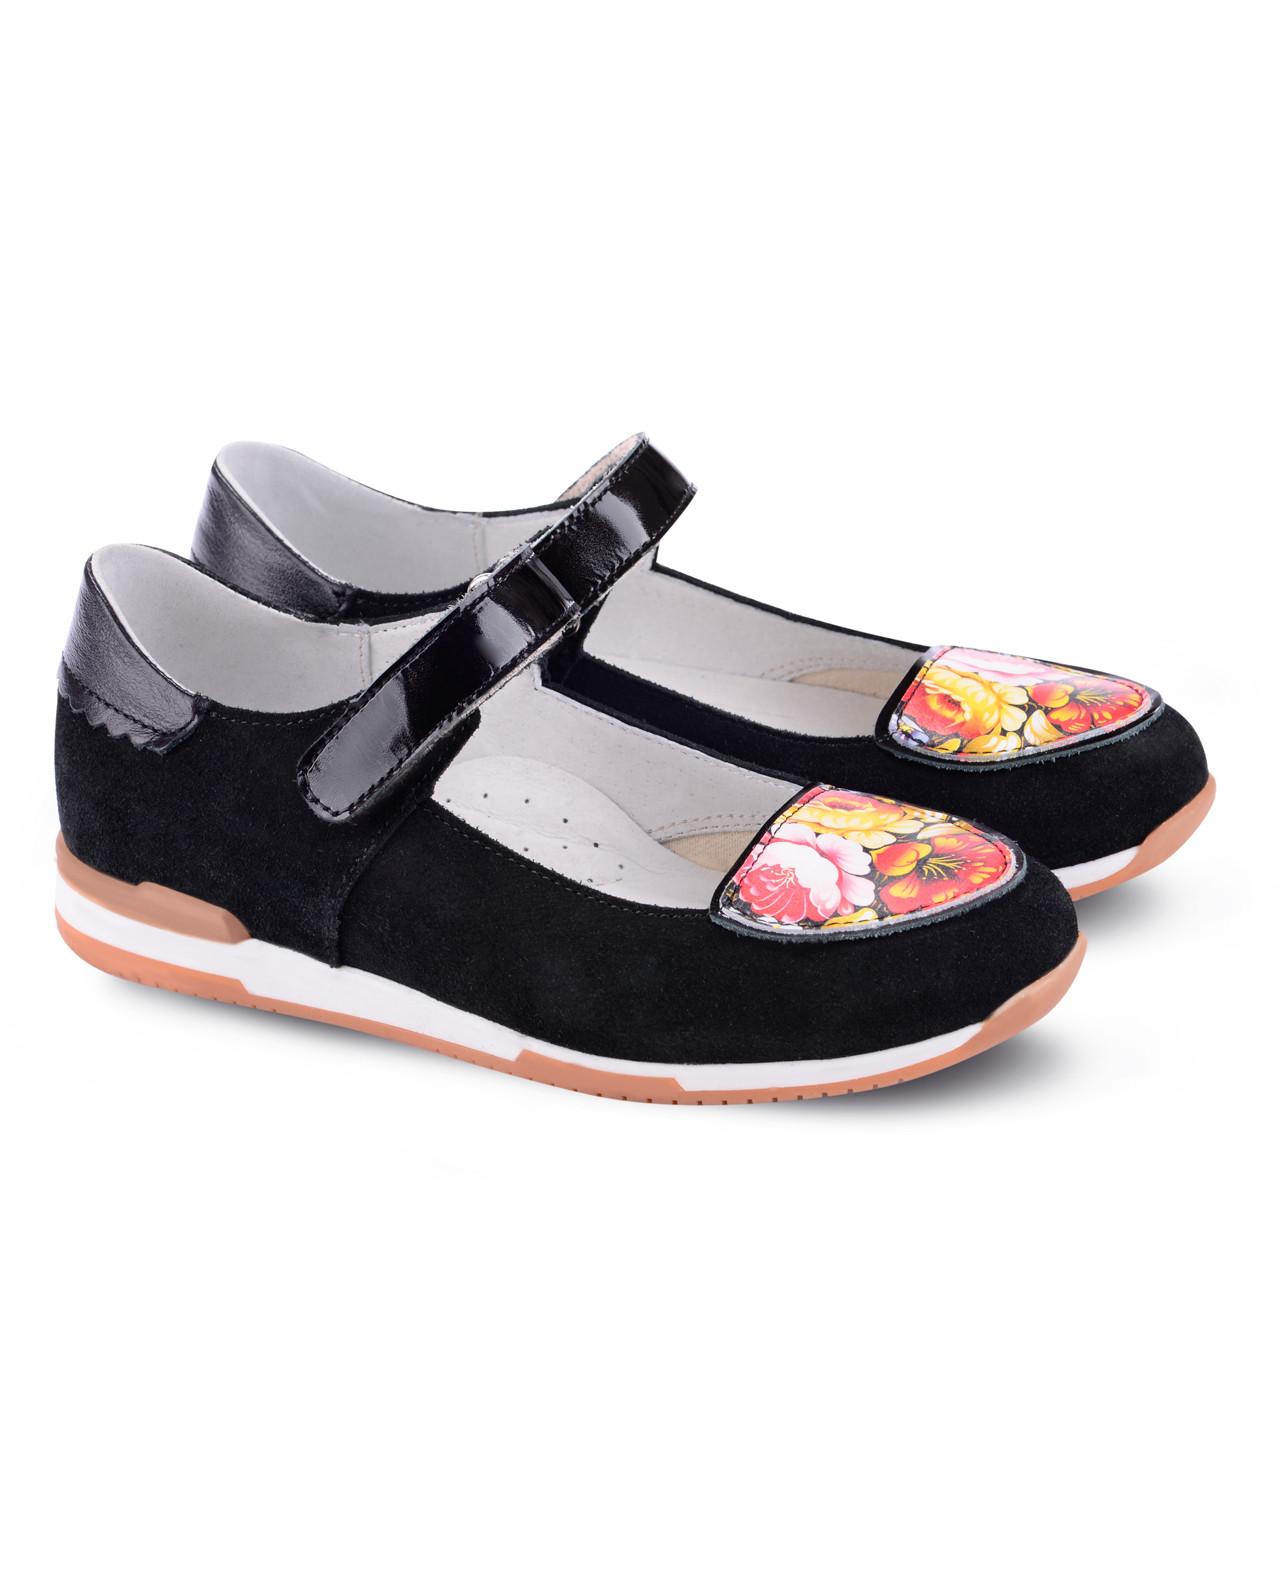 Туфли Детские, Tapiboo Этника (44511, 35 )Обувь для школы<br>Туфли. Красота и элегантность. Широкий, <br>устойчивый каблук, специальной конфигурации <br>«каблук Томаса». Каблук продлен с внутренней <br>стороны до середины стопы, чтобы исключить <br>вращение (заваливание) стопы вовнутрь (пронационный <br>компонент деформации, так называемая косолапость, <br>или вальгусная деформация). Многослойная, <br>анатомическая стелька со сводоподдерживающим <br>элементом для правильного формирования <br>стопы. Благодаря использованию современных <br>внутренних материалов позволяет оптимально <br>распределить нагрузку по всей площади стопы <br>и свести к минимуму ее ударную составляющую. <br>Жесткий фиксирующий задник надежно стабилизирует <br>голеностопный сустав во время ходьбы. Подкладка <br>из натуральной кожи обладает повышенной <br>износостойкостью в сочетании с мягкостью <br>и отличной способностью пропускать воздух <br>для создания оптимального температурного <br>режима (нога не потеет).<br>Размер INT: M; Цвет: Красный; Ширина: 100; Высота: 200; Вес: 1000;